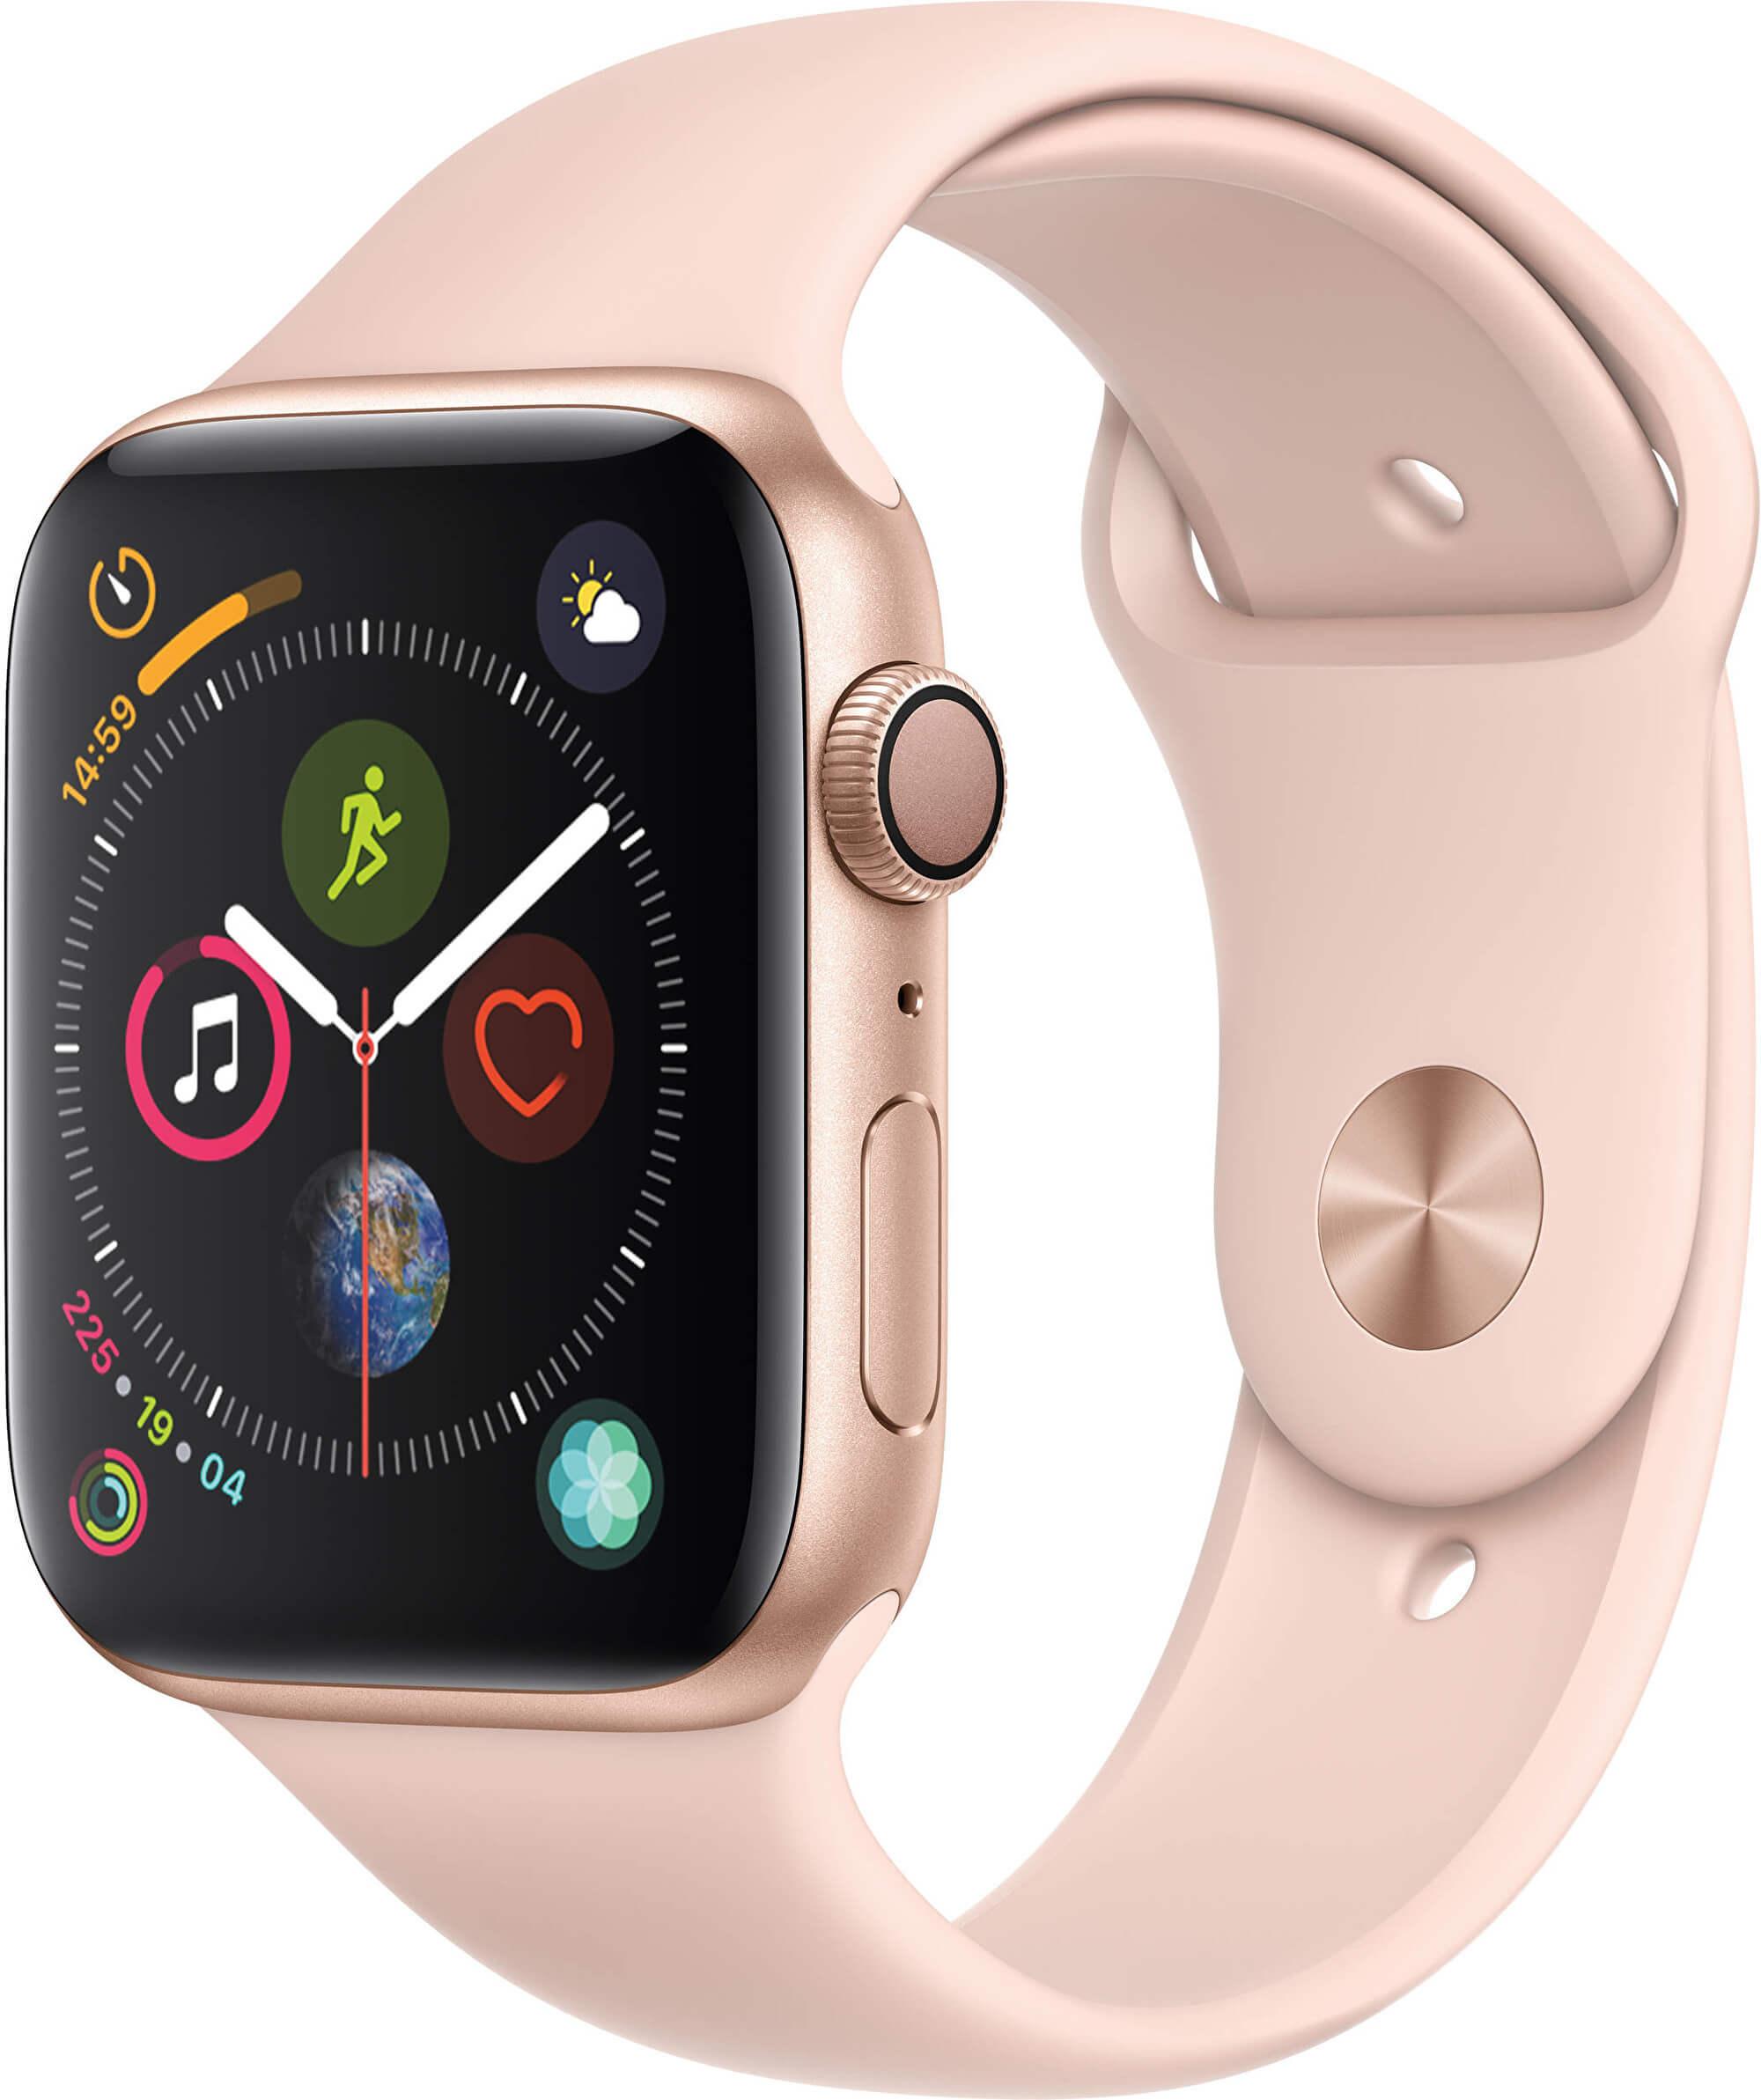 Apple Watch Series 4 44mm zlatý hliník s pískově růžovým sportovním řemínkem 2615440748